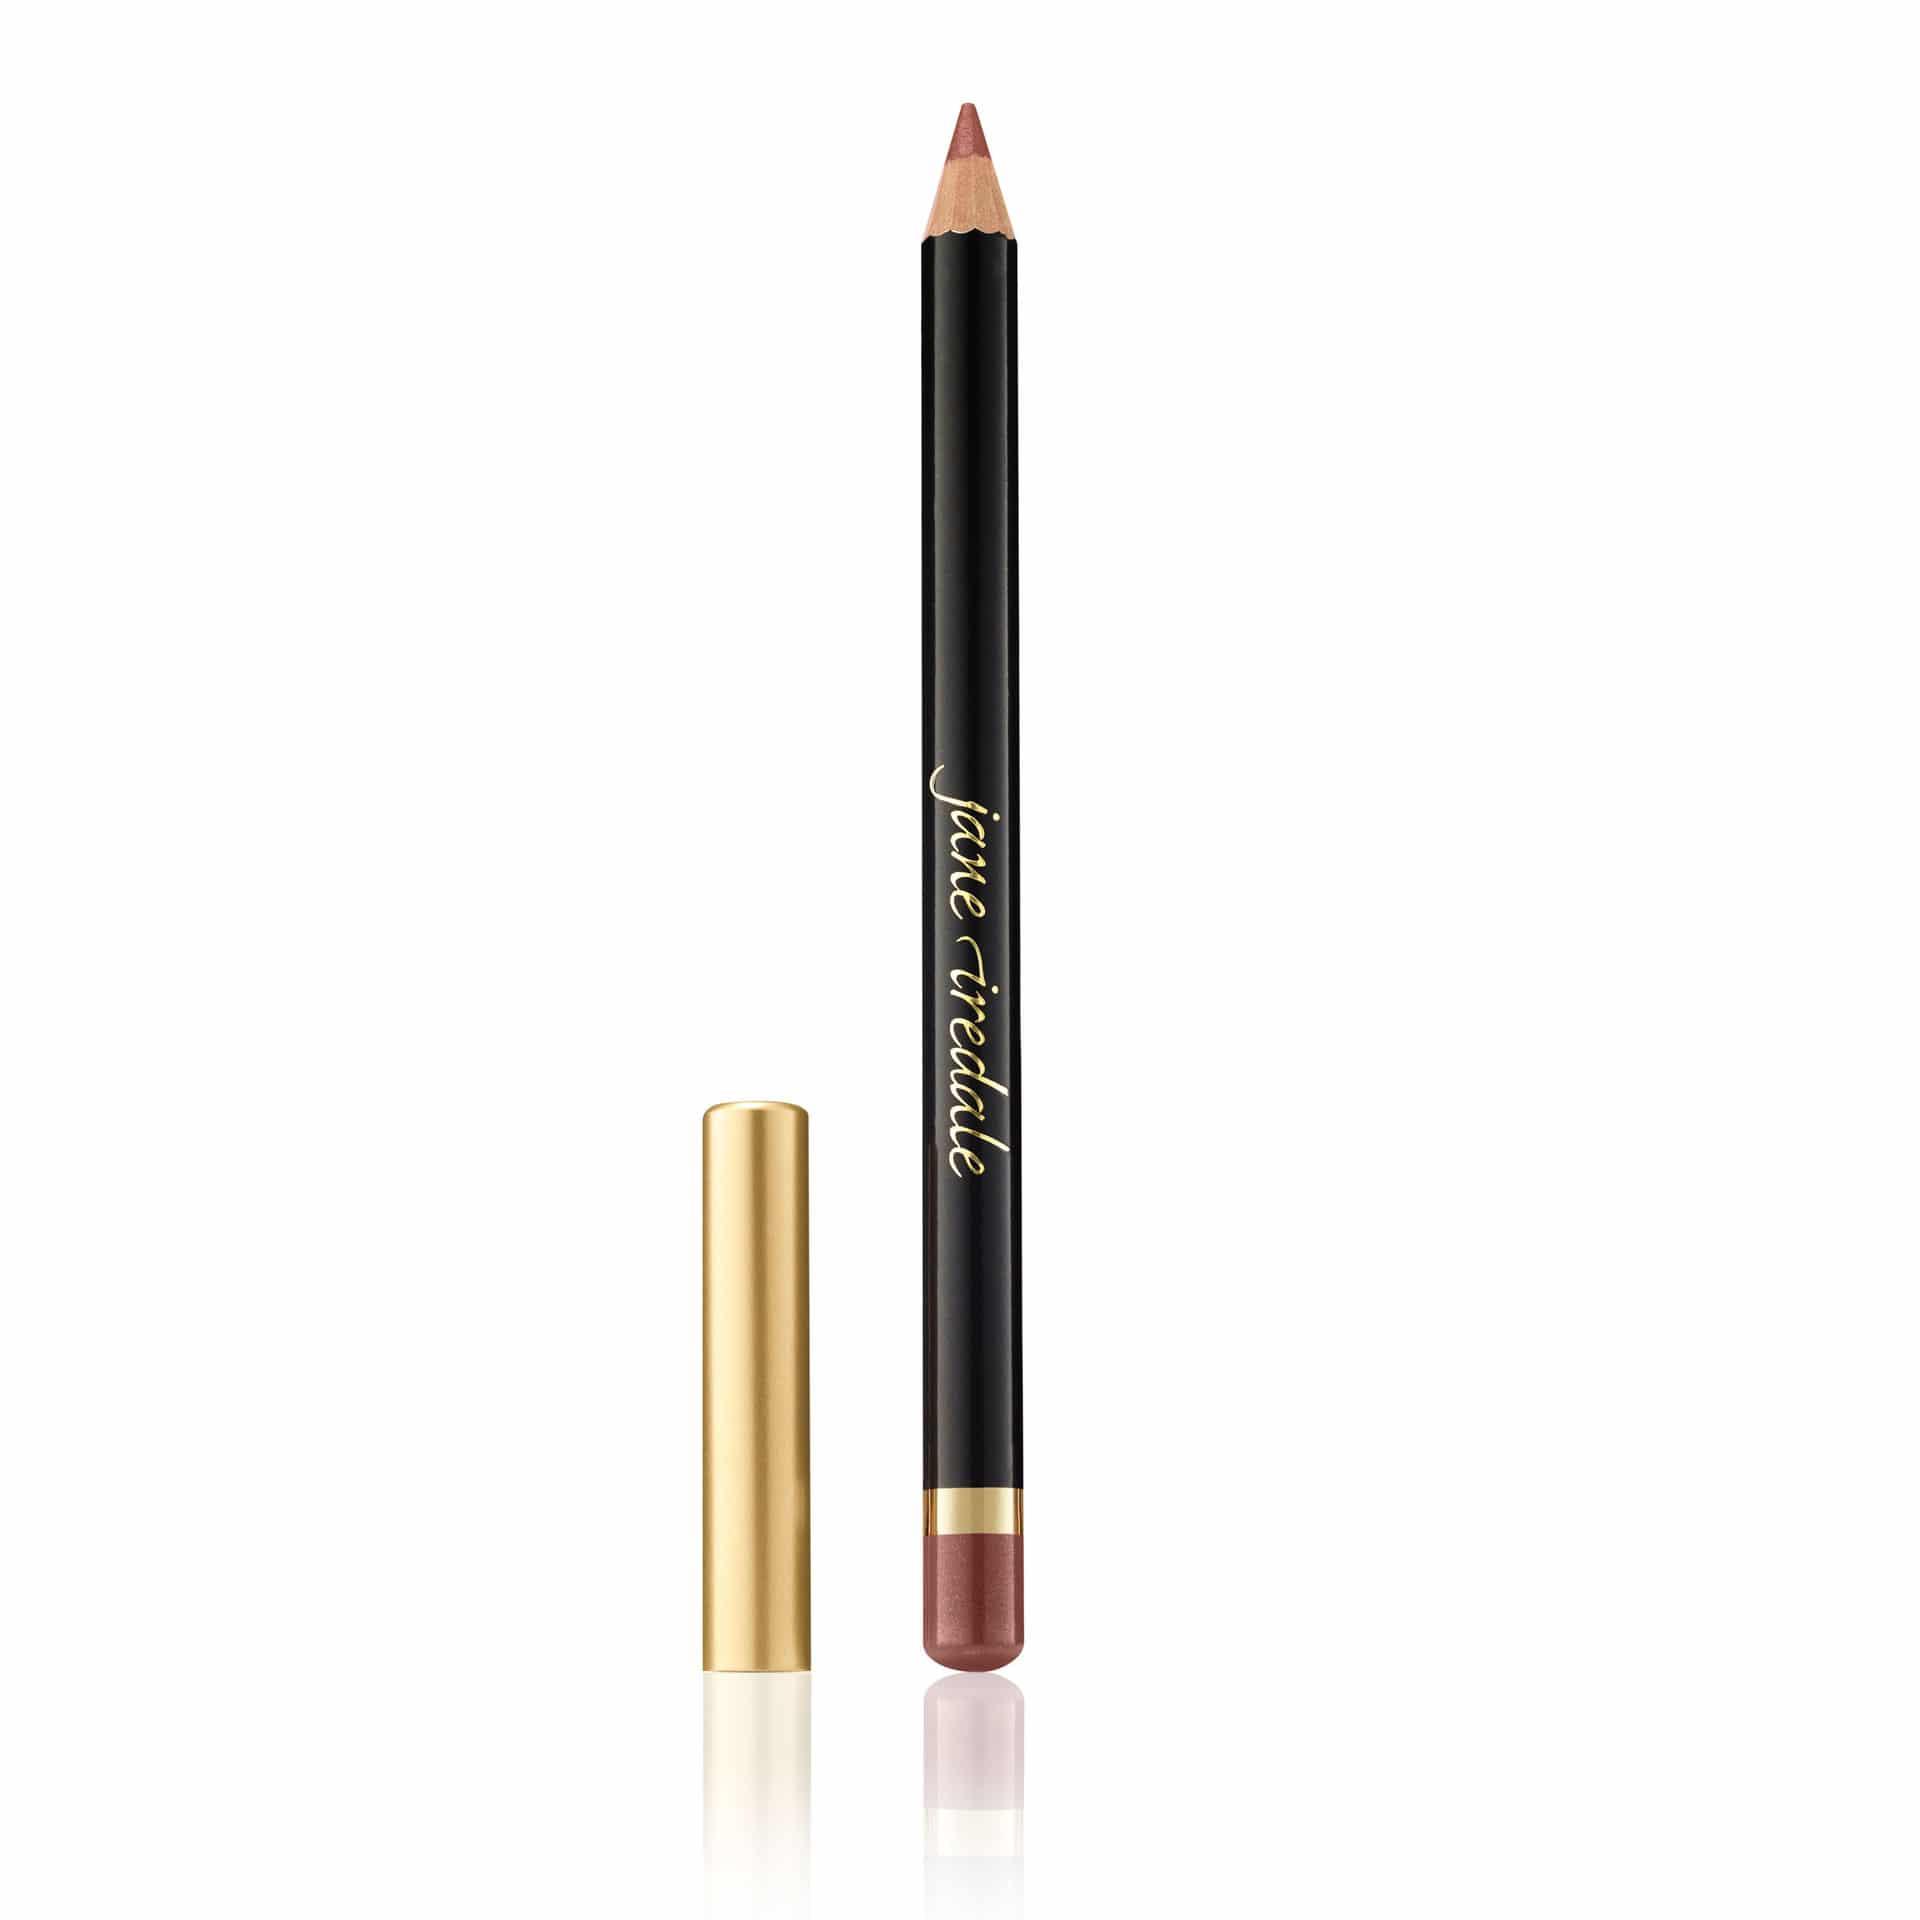 Spice Lip Pencil, Lábio Marrom, Nude Lip Pencil